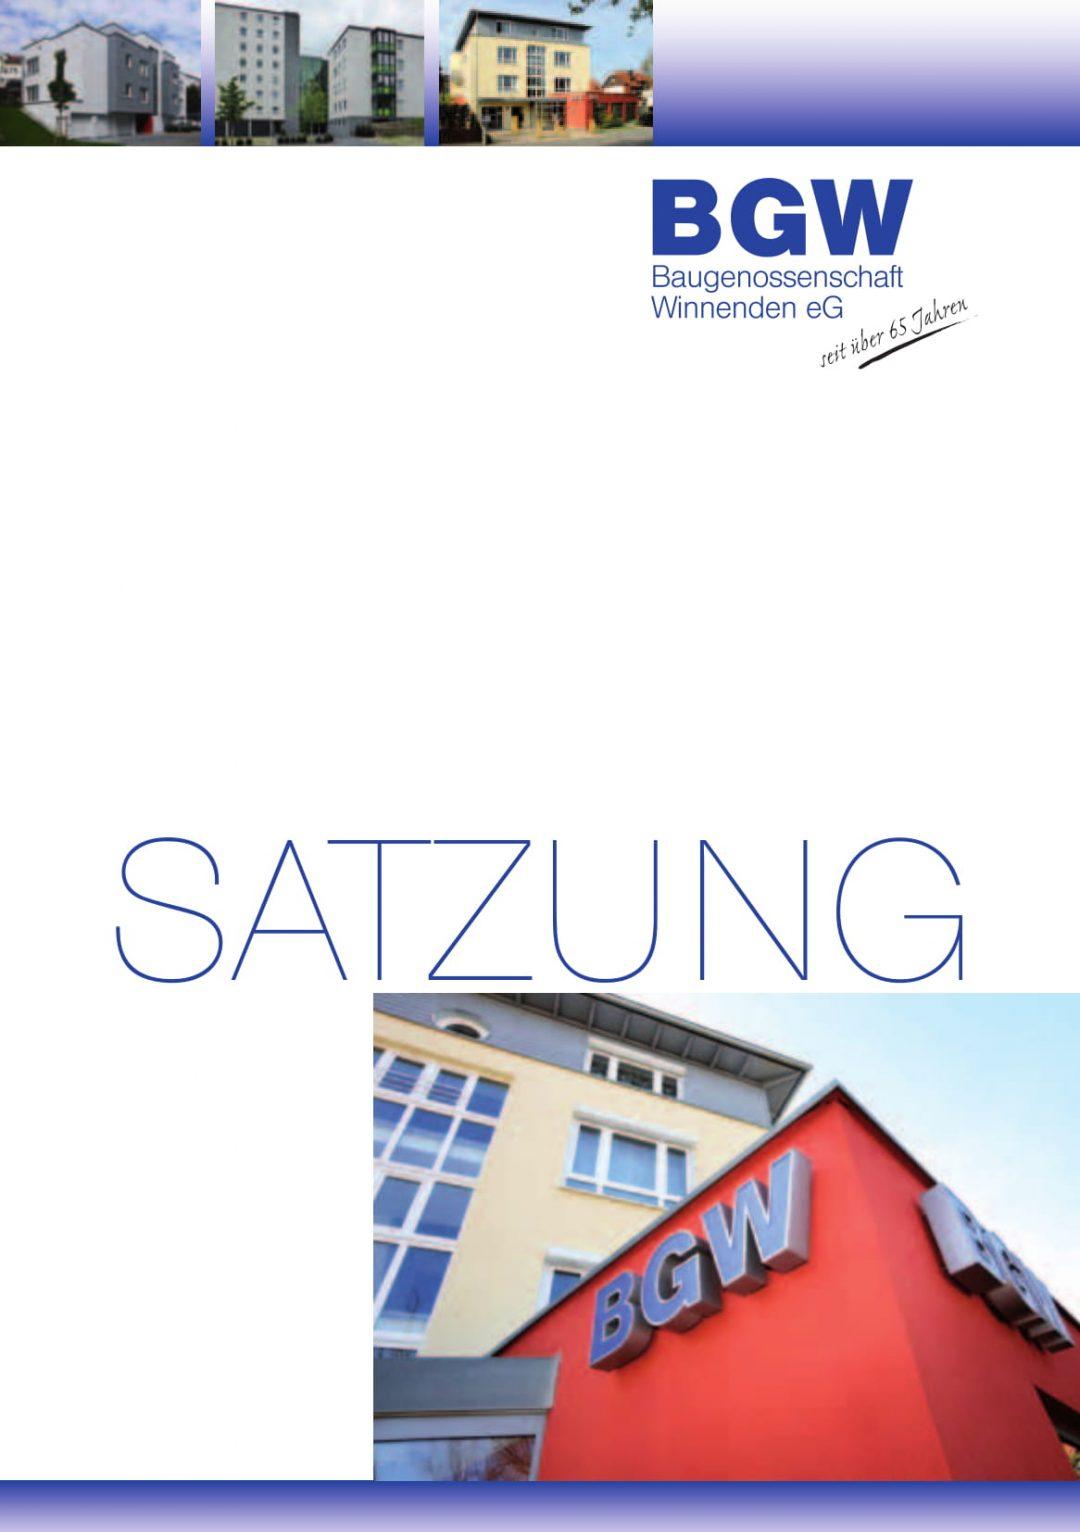 BGW Satzung 2016 Druckversion 01 e1544522817404 - Infos